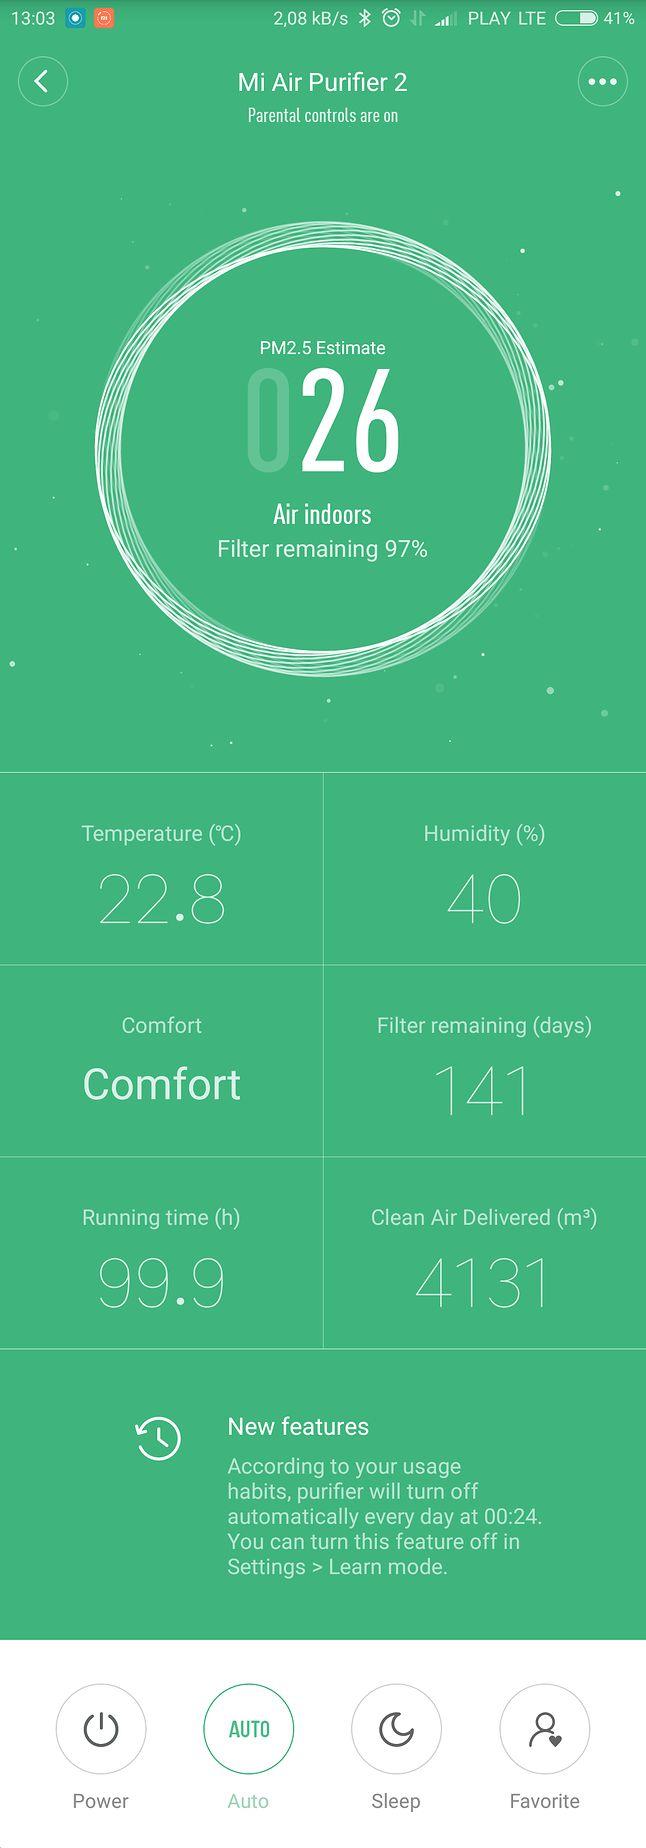 Od góry kolejno: aktualne stężenie, temperatura, wilgotność, wyliczony komfort na podstawie wcześniejszych danych, orientacyjna ilość dni do wymiany filtra, czas działania i objętość przefiltrowanego, czystego powietrza.